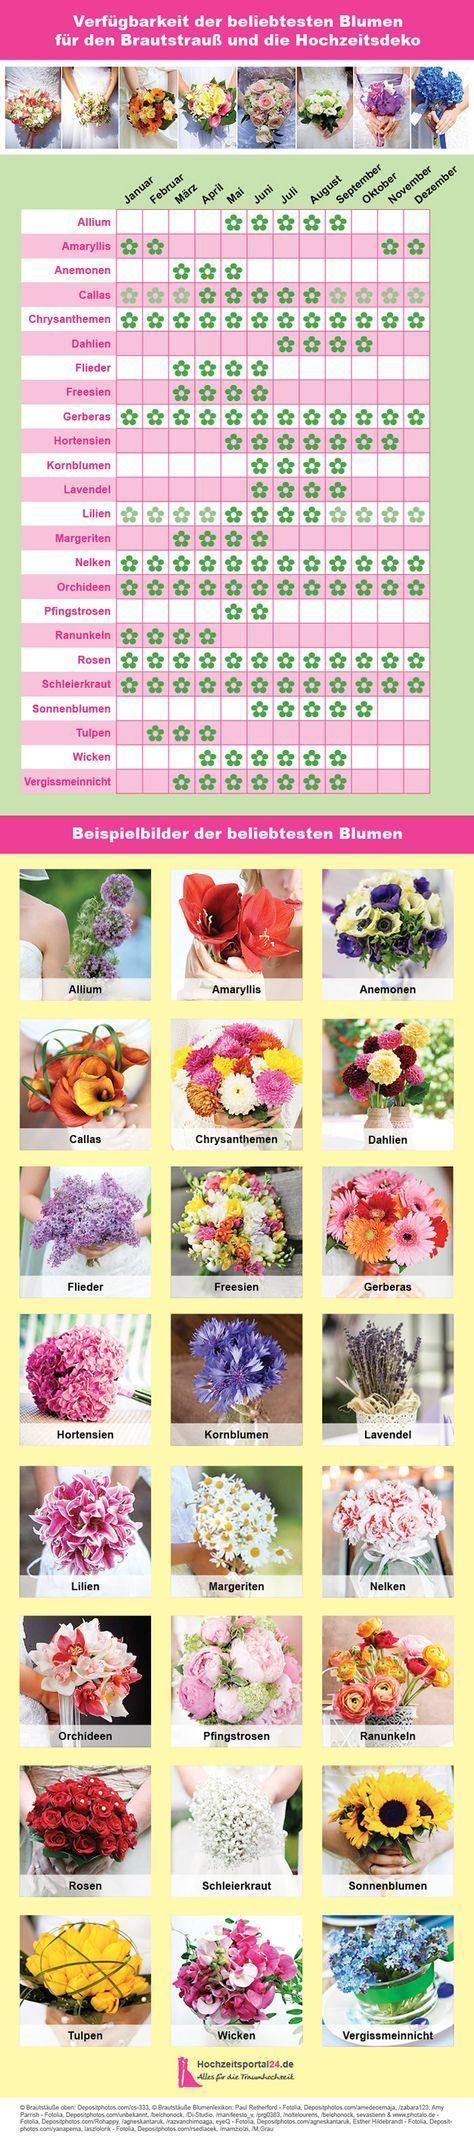 Blumenlexikon und Verfügbarkeit der Blumen für die Hochzeitsdeko, den Brautstrauß oder die Tischdeko zur Hochzeit.